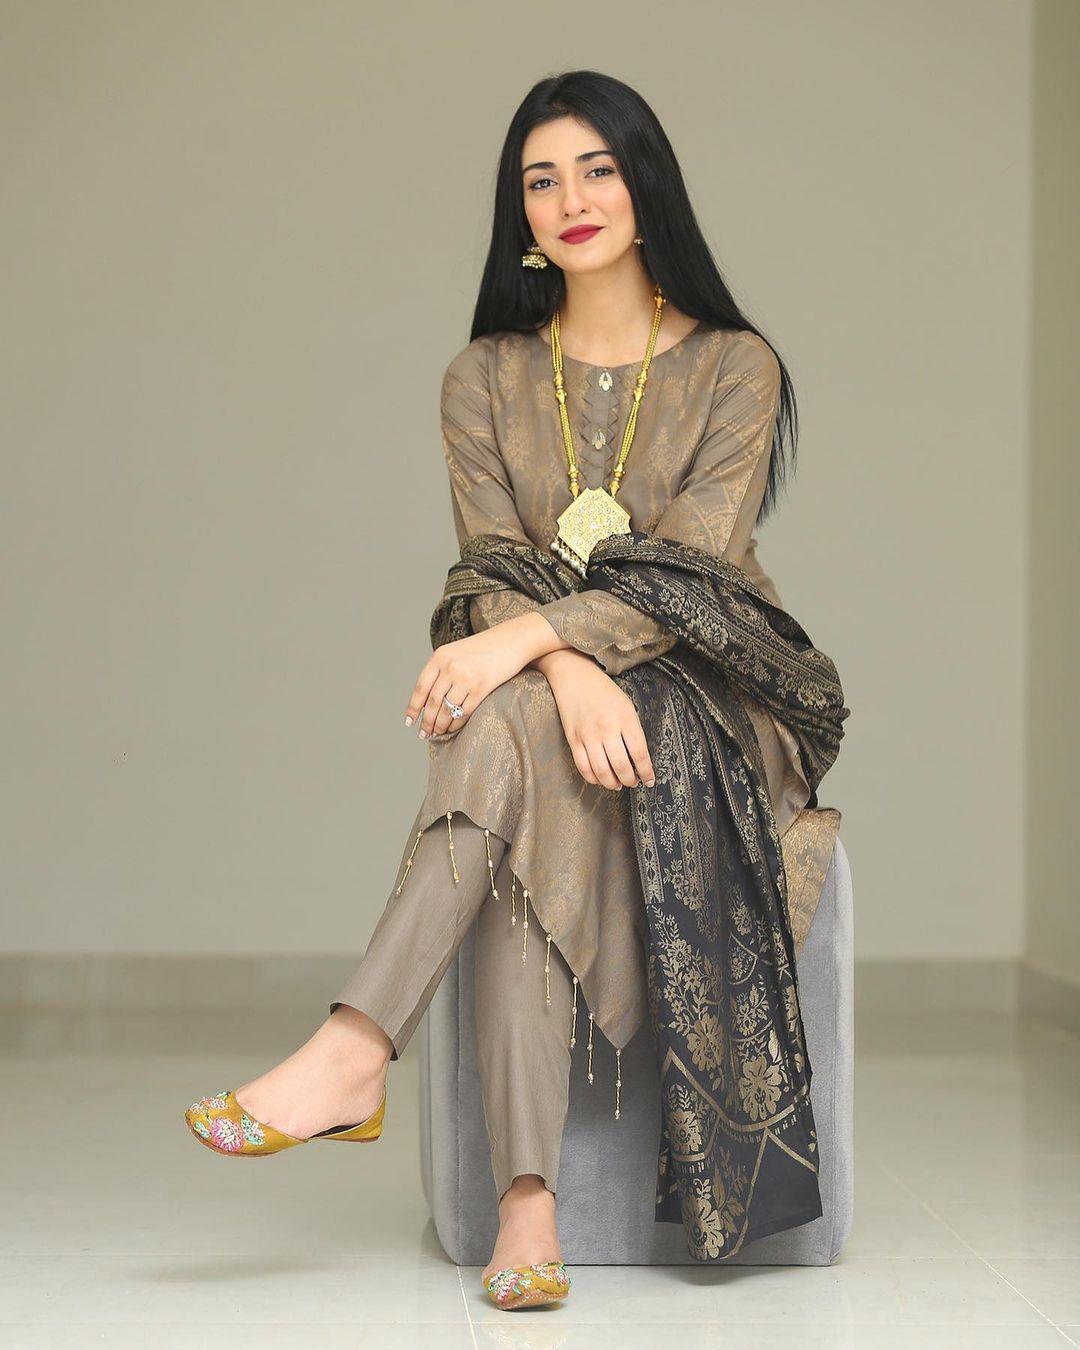 Sarah Khan and Falak Shabir - Latest Pictures